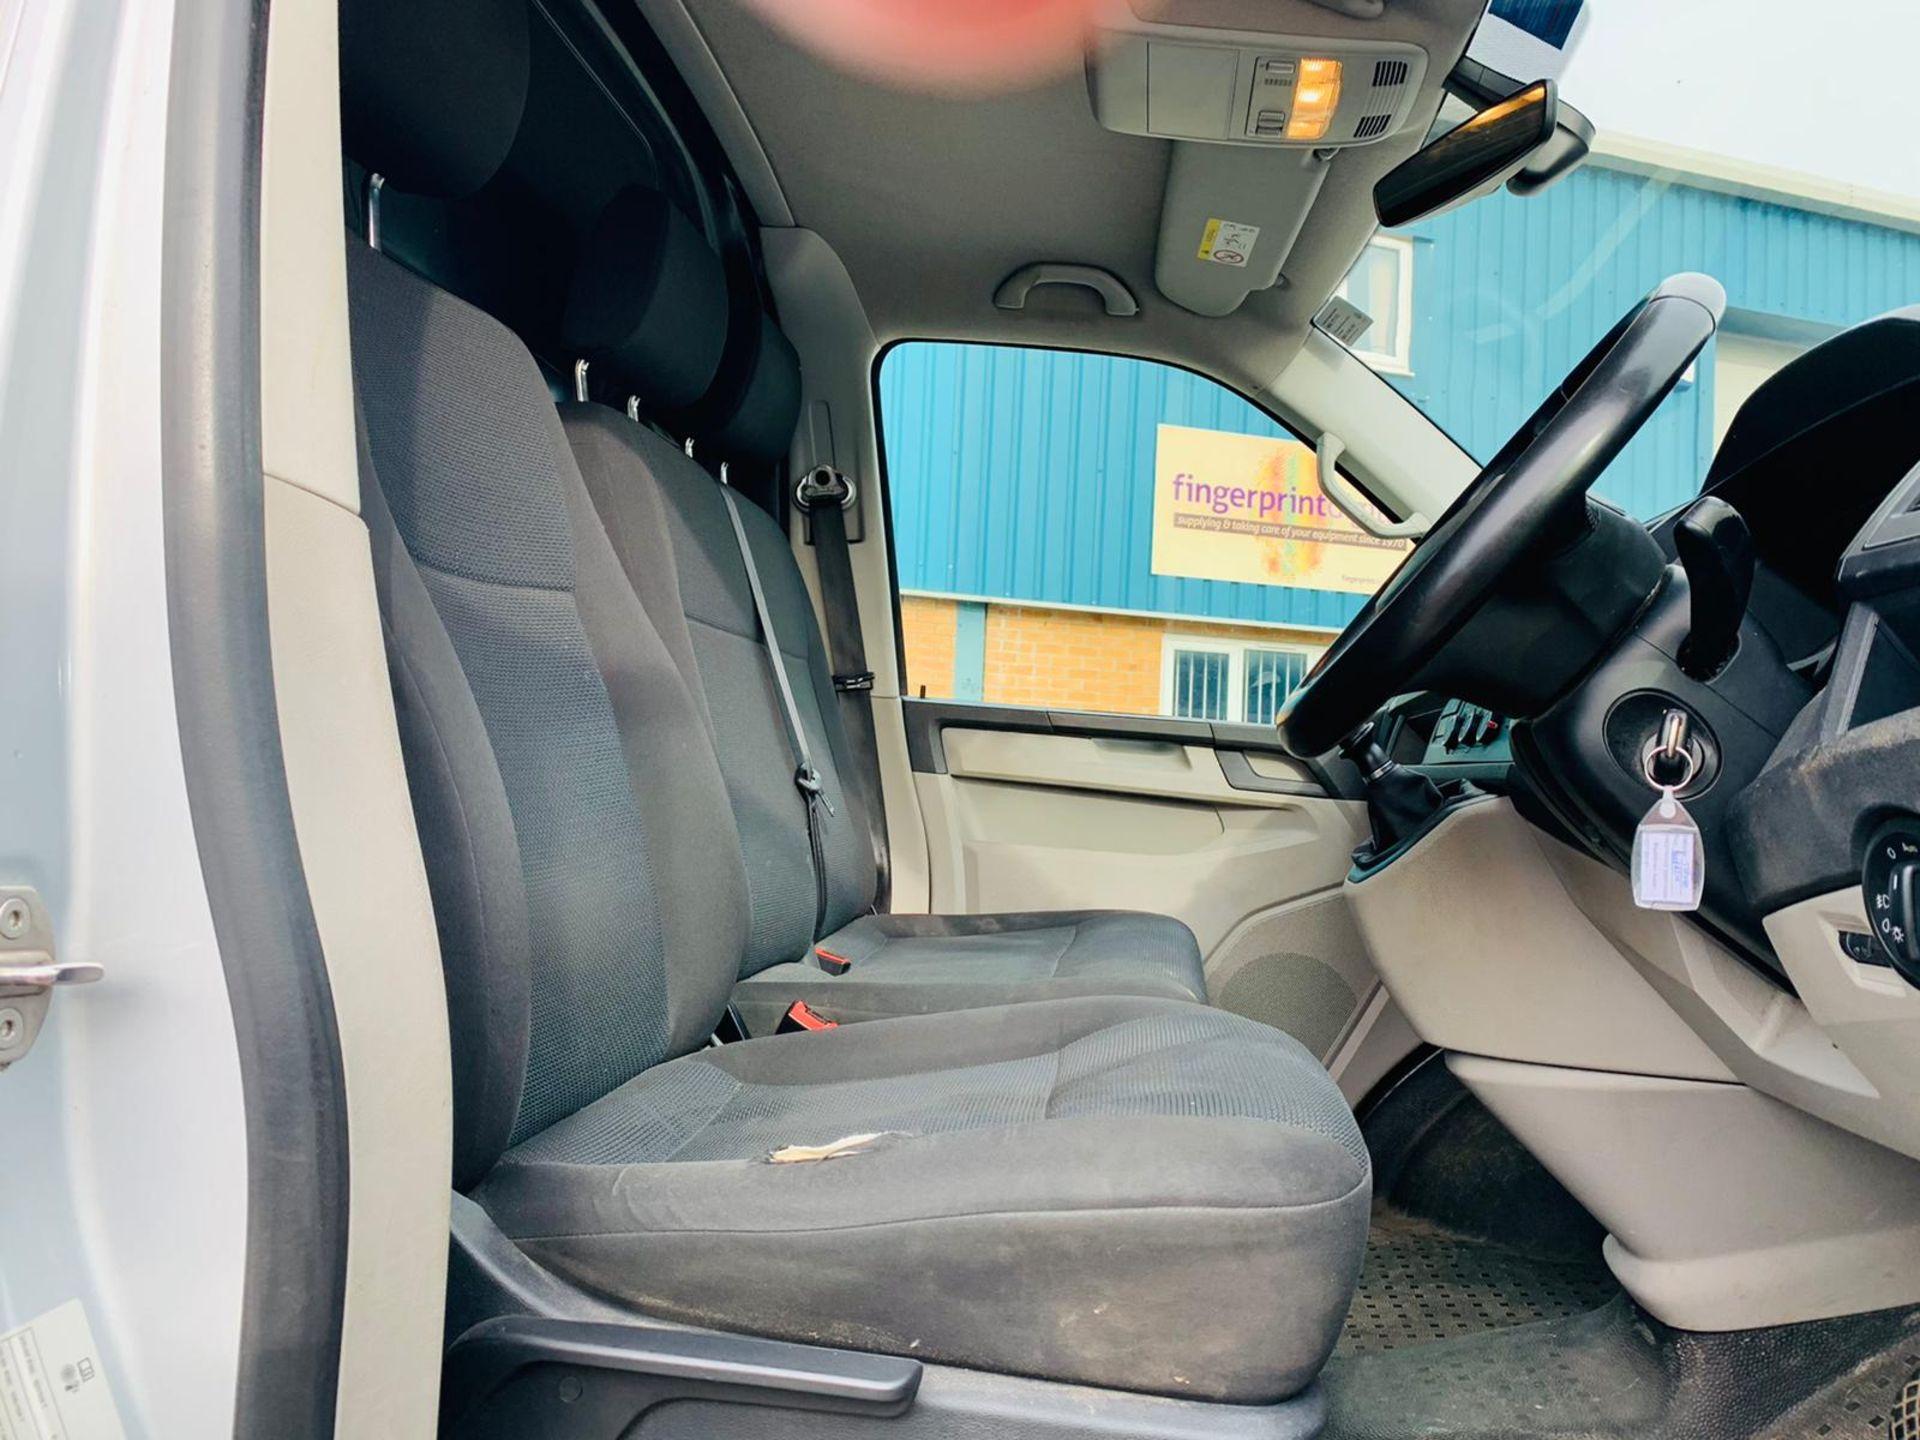 (RESERVE MET) Volkswagen (VW) Transporter 2.0 TDI 150 Highline T28 2018 18 Reg - Parking Sensors - - Image 12 of 23